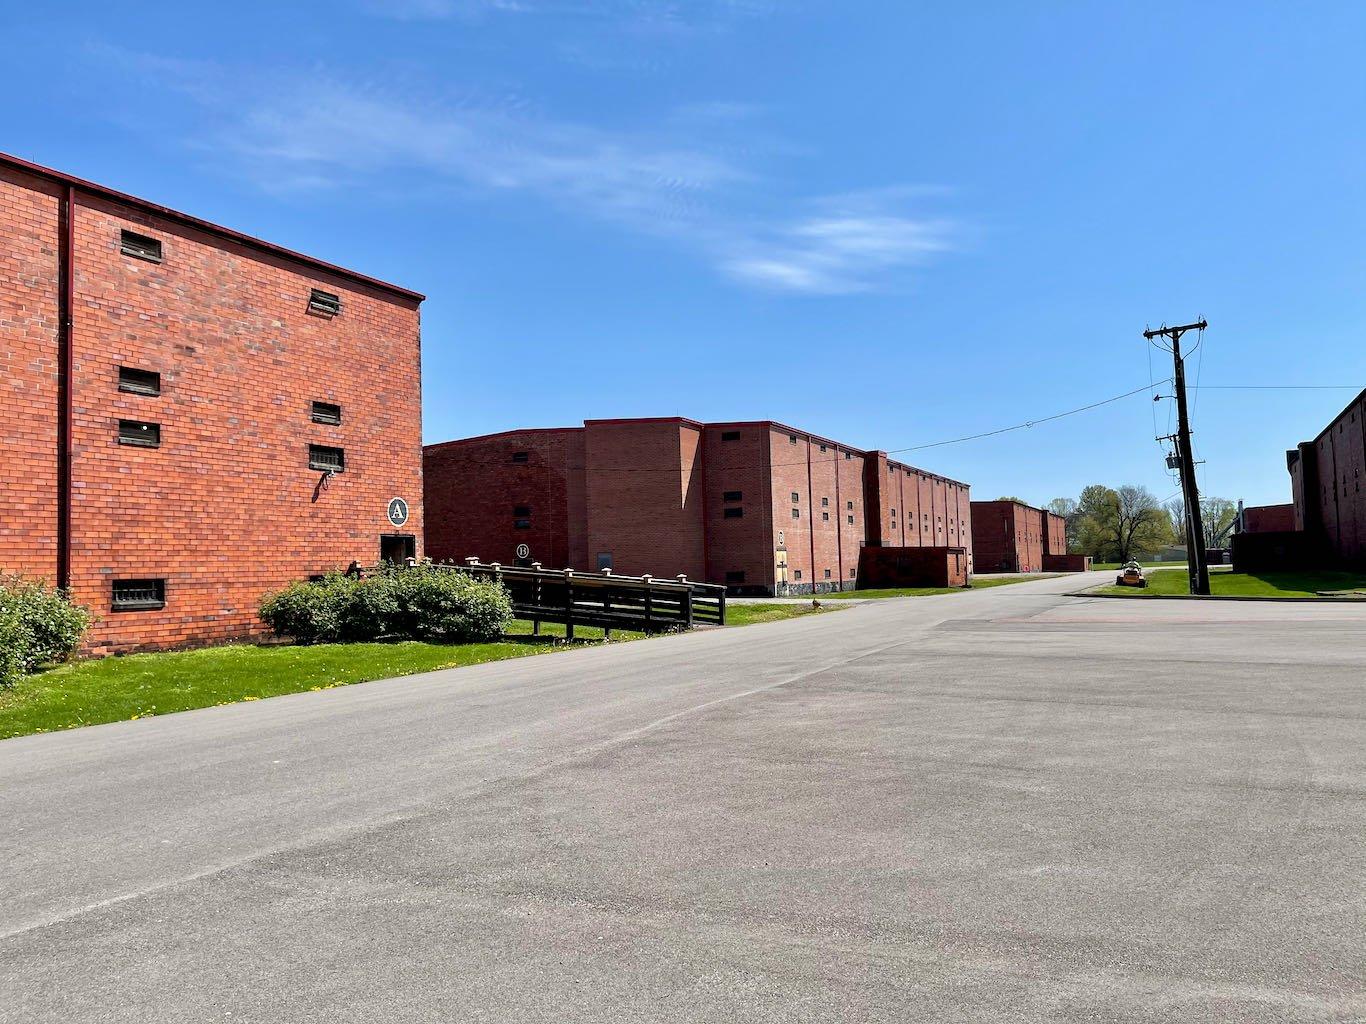 Clay Tile 20,000 Barrel Rickhouses - Green River Distilling Co